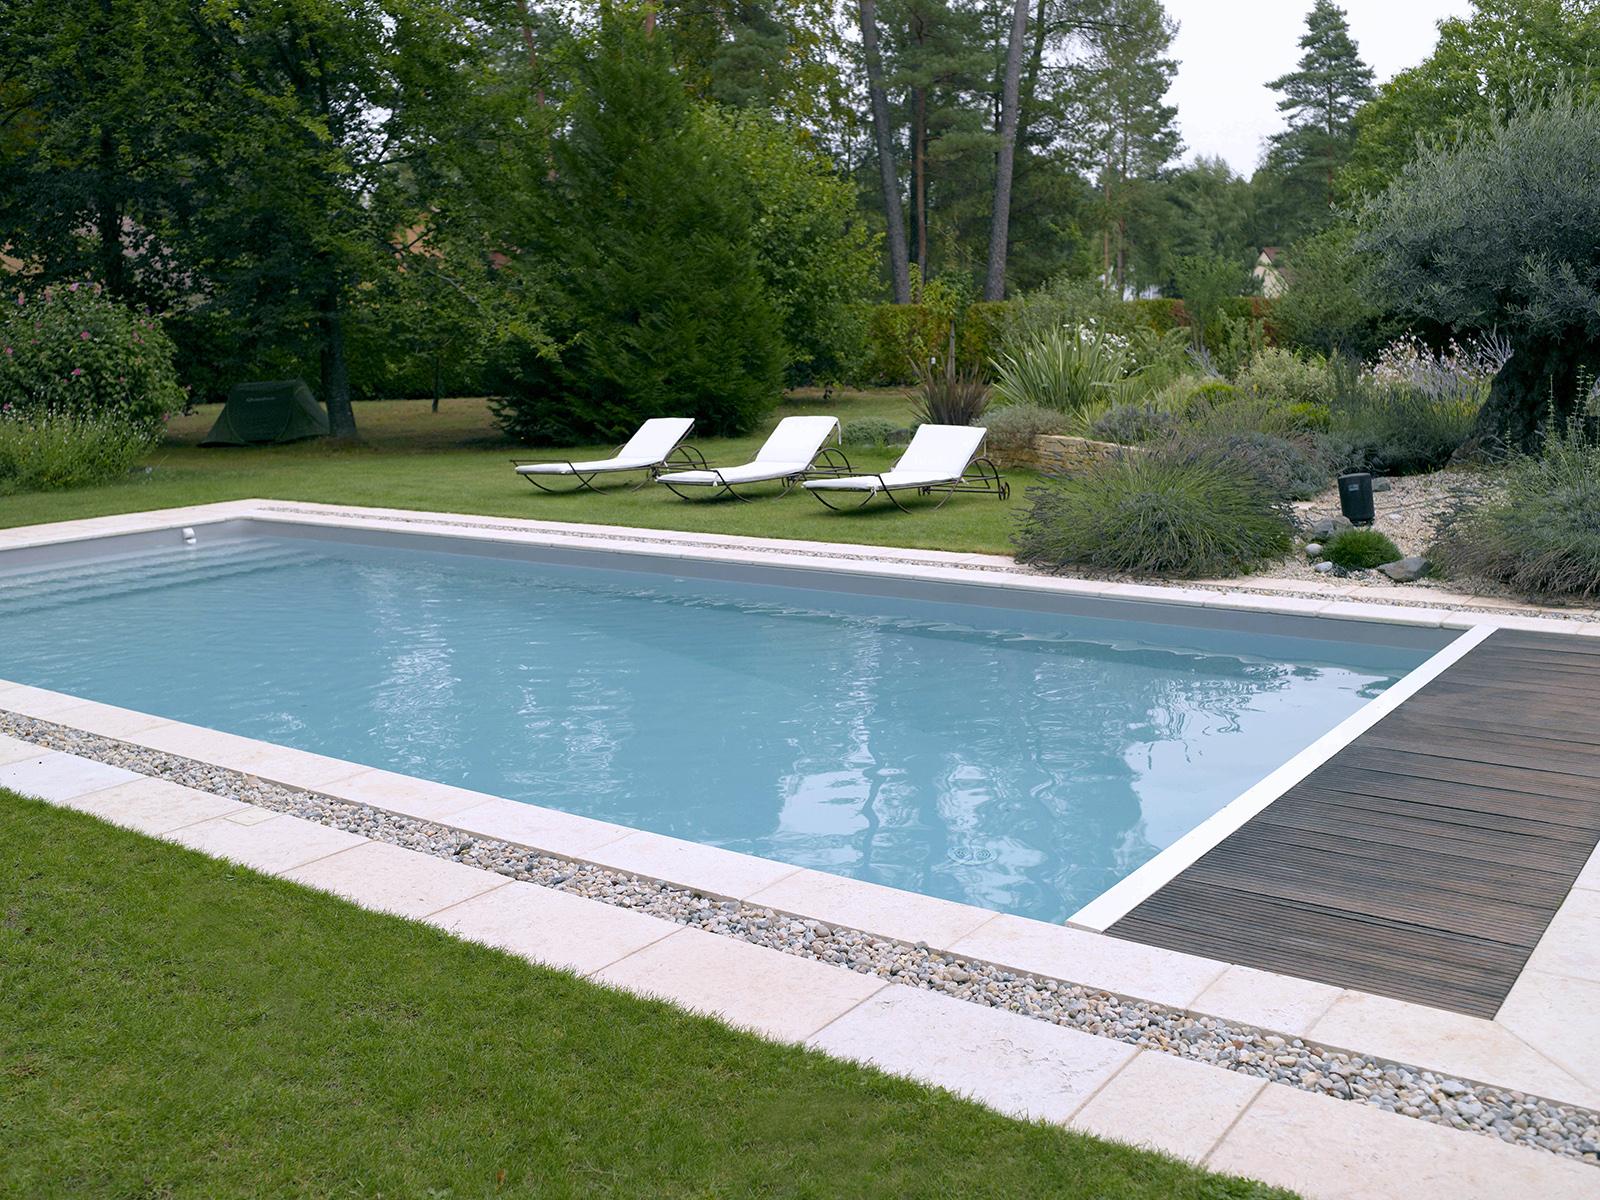 Piscine Familiale Avec Jardin Paysager | Piscines Carré Bleu à Piscine Chinon